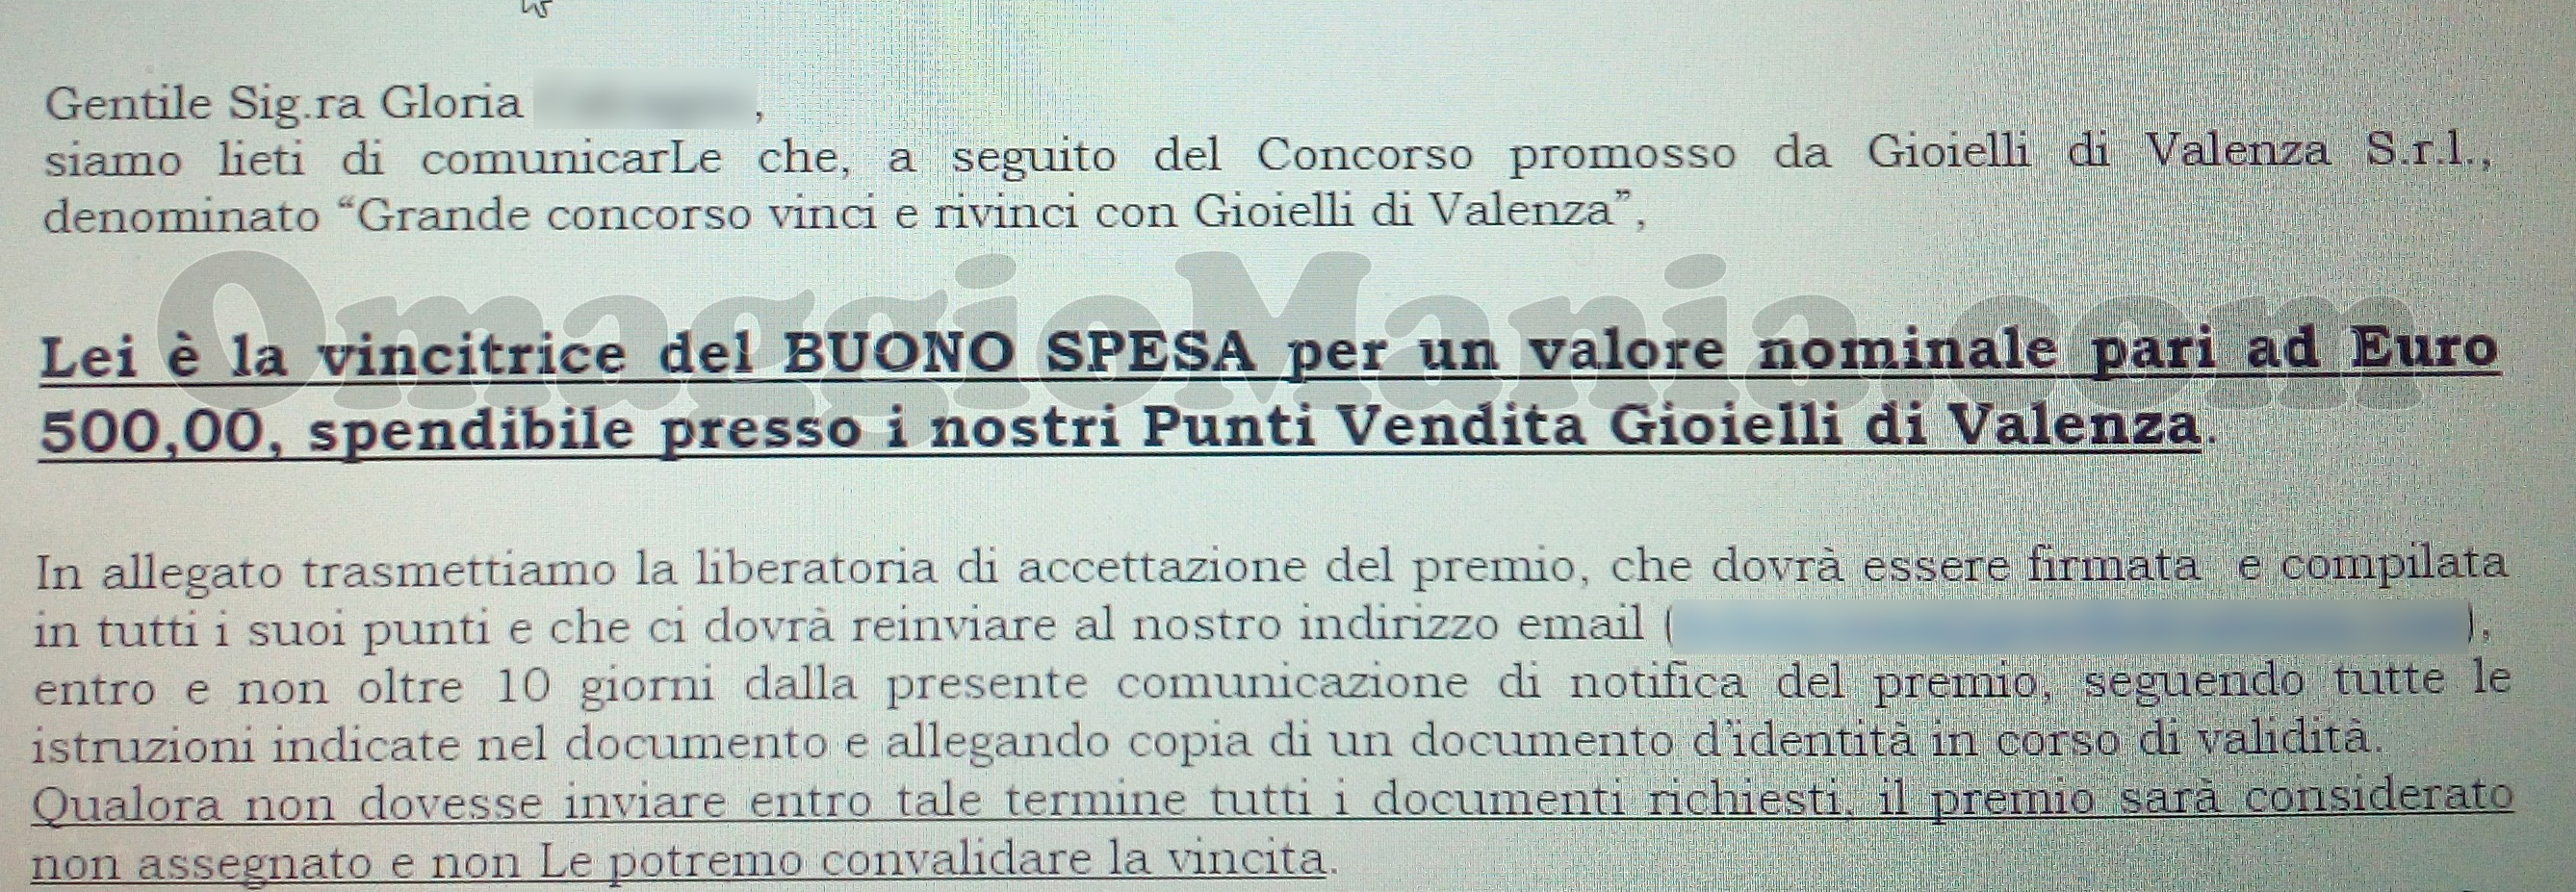 email vincita 500 euro buono spesa di Gloria